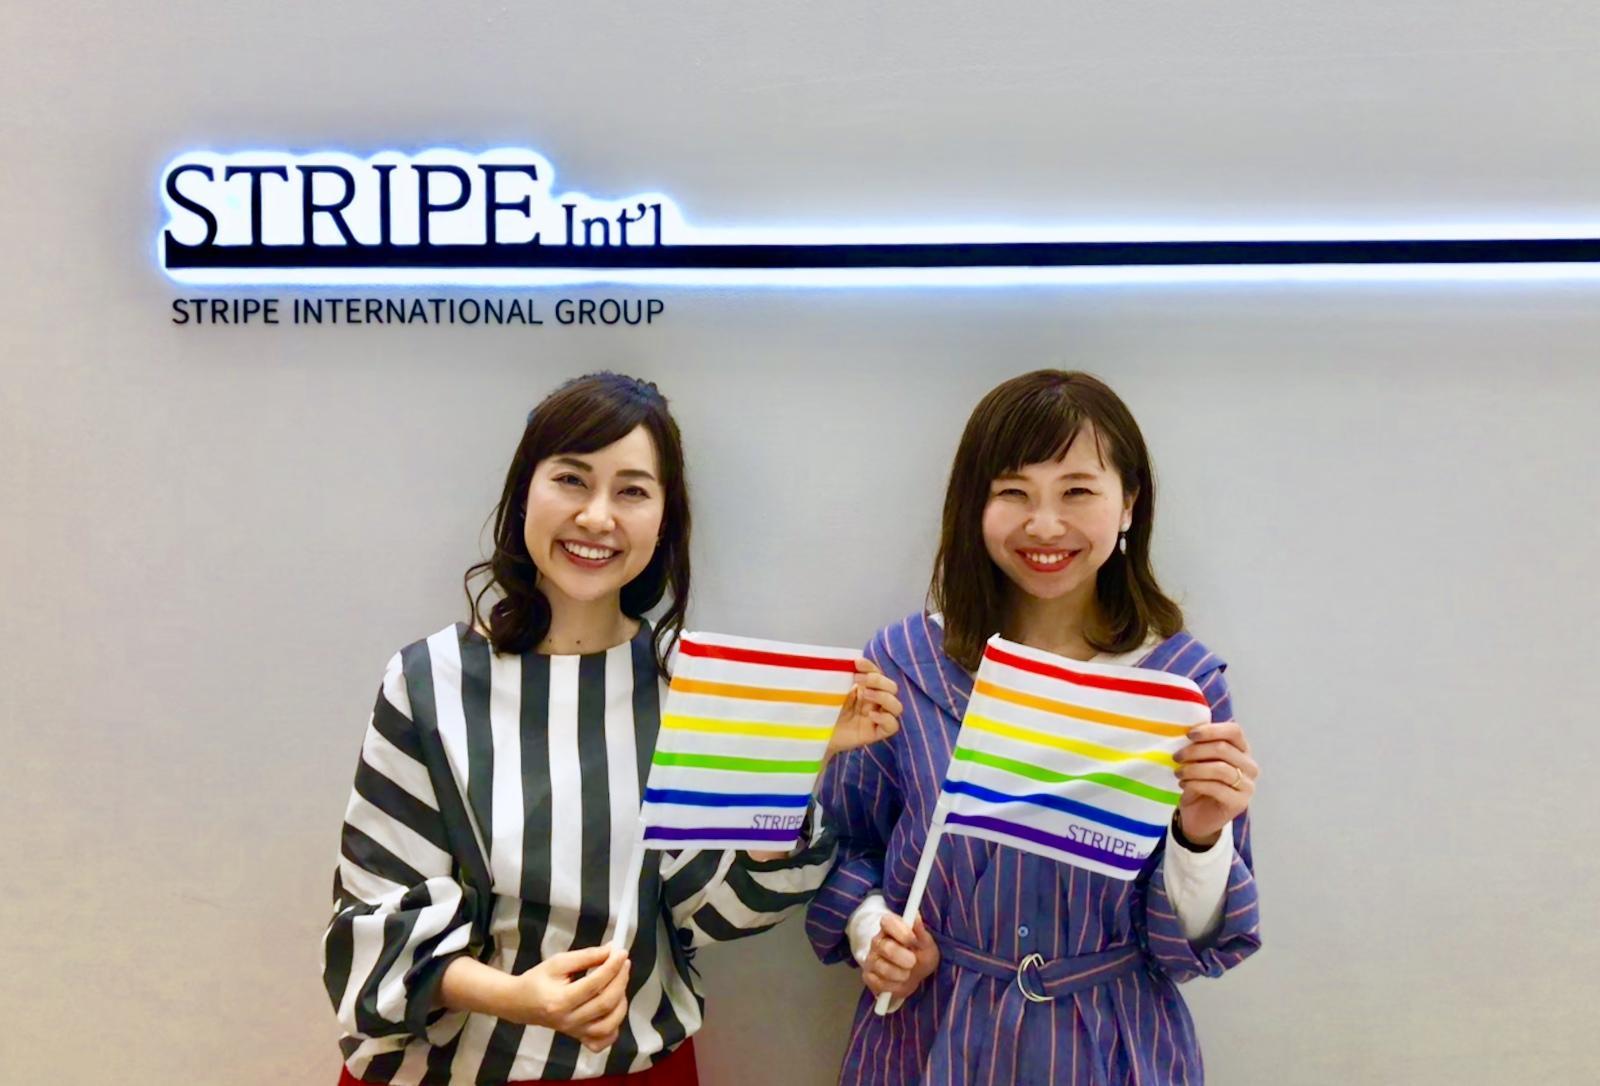 LGBTの取り組みインタビュー!PRIDE指標最高評価のストライプインターナショナルを直撃取材!